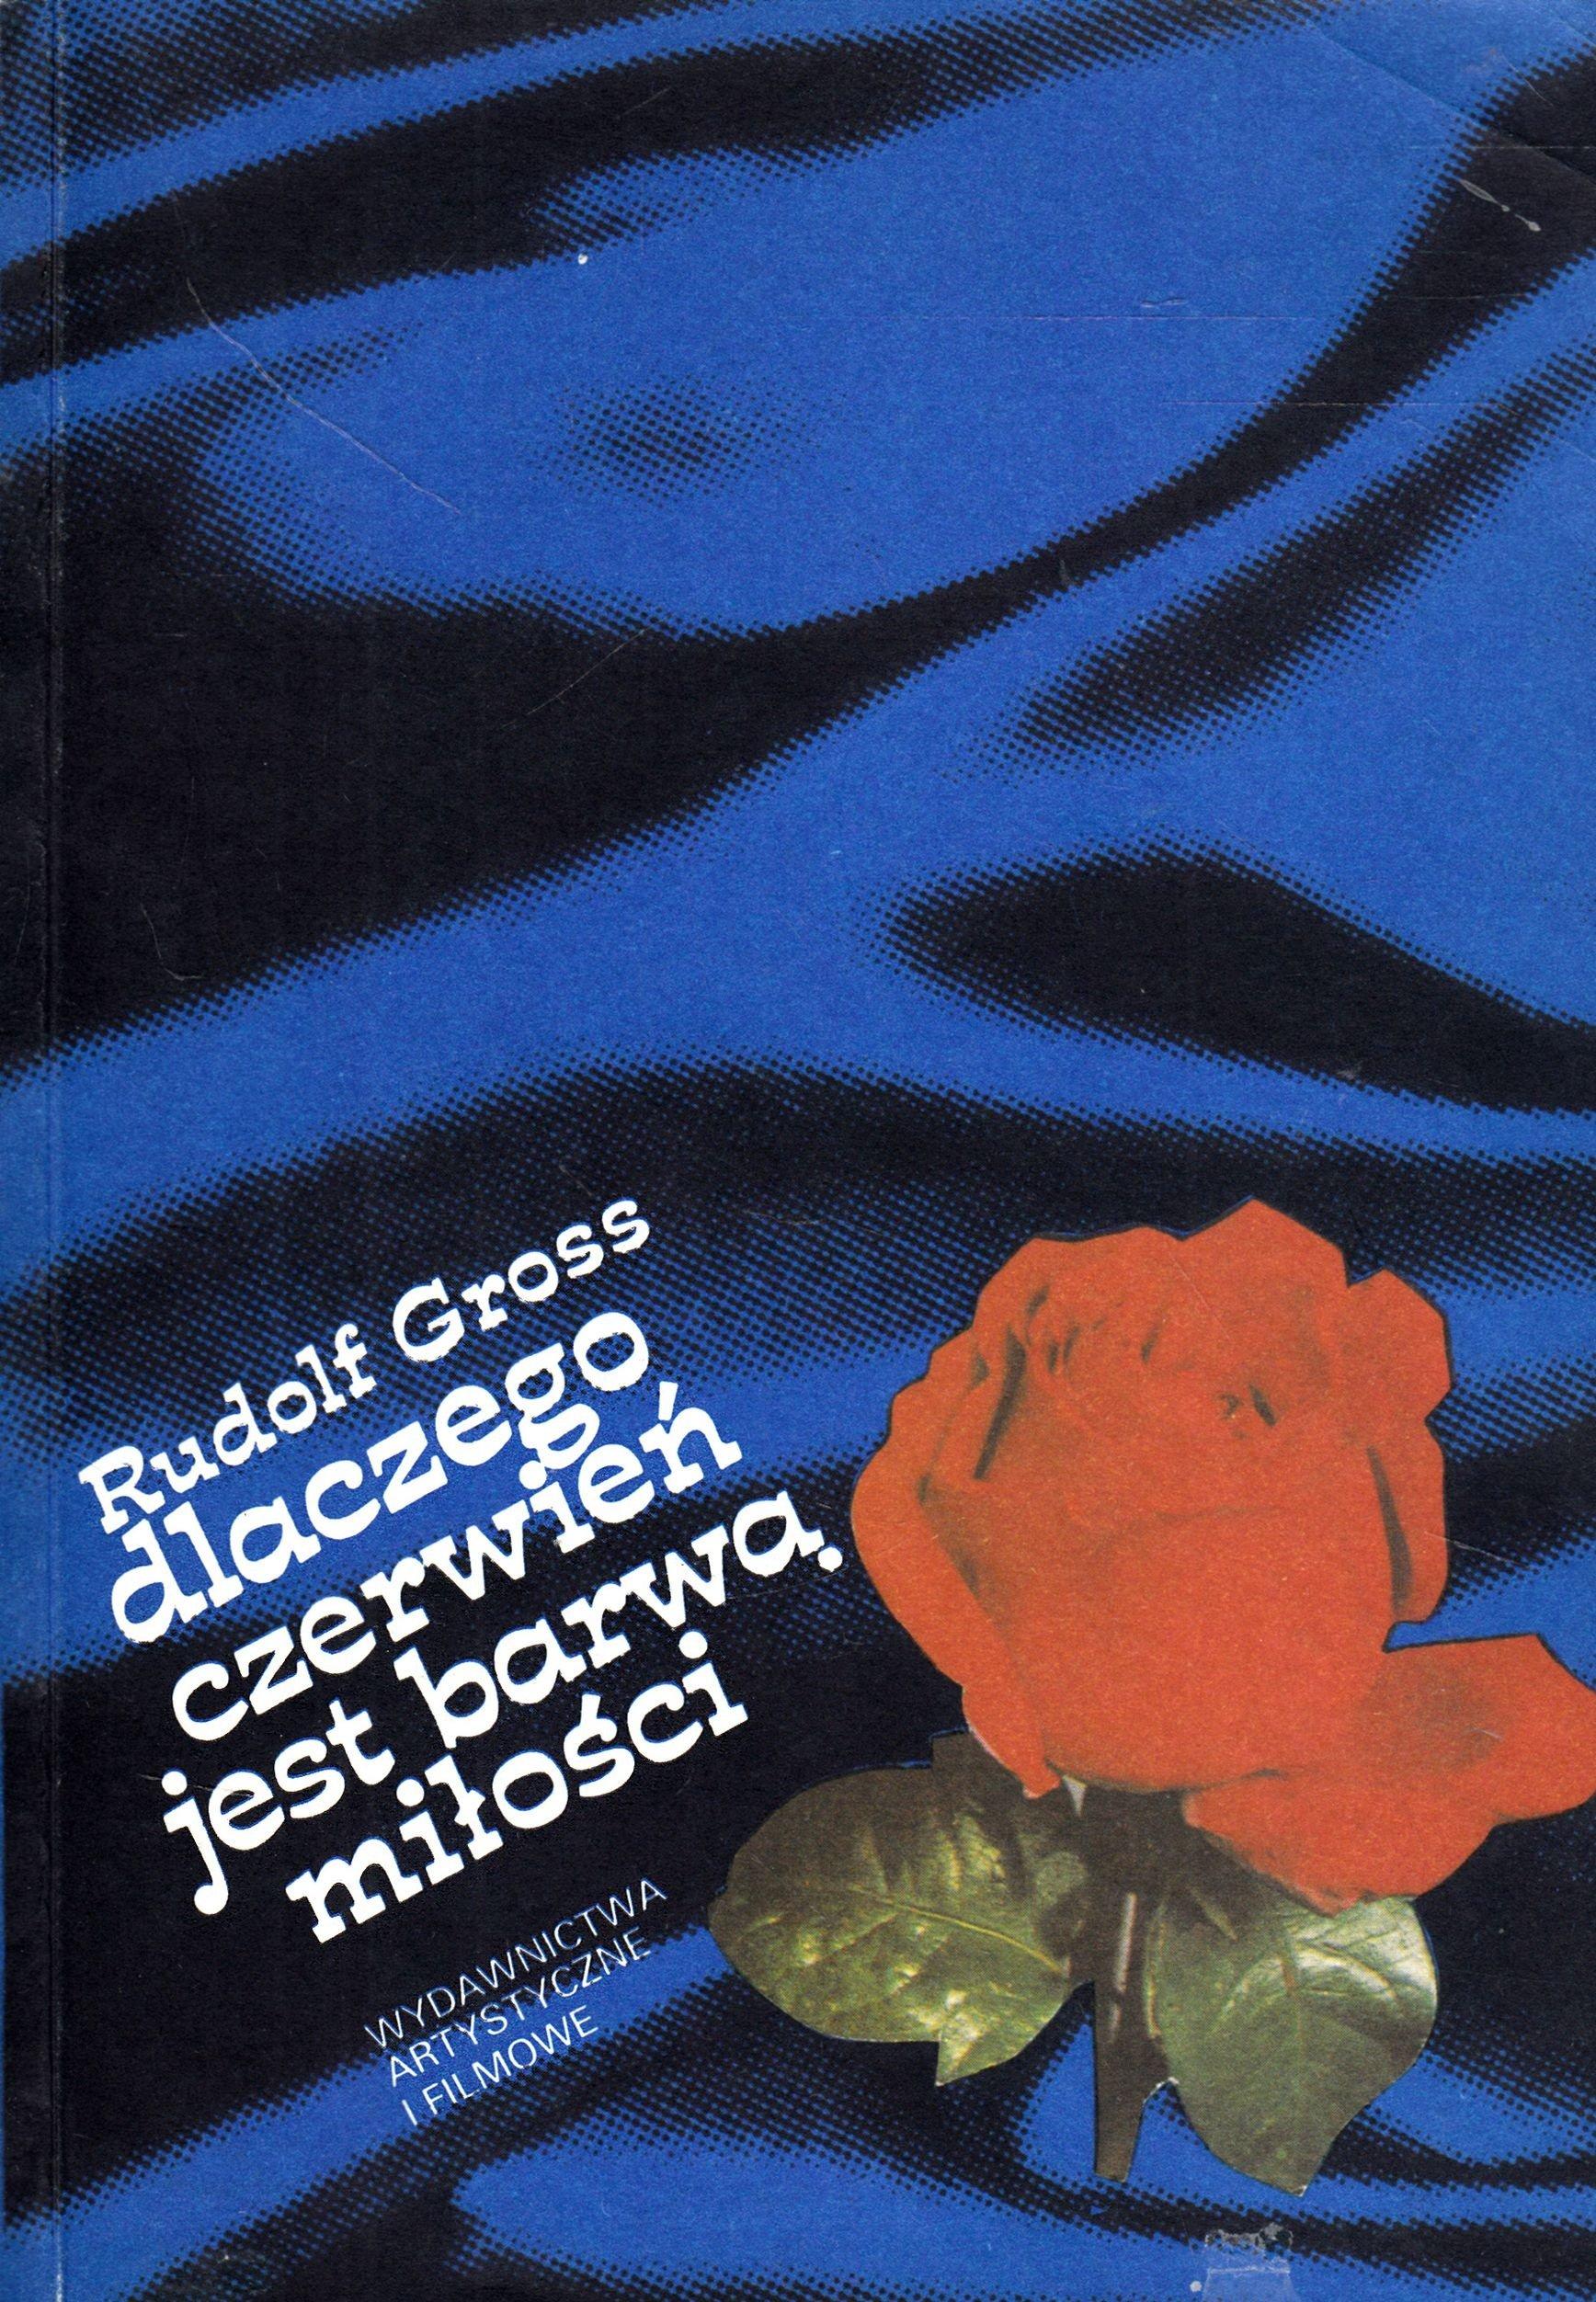 Znalezione obrazy dla zapytania Rudolf Gross : Dlaczego czerwień jest barwą miłości